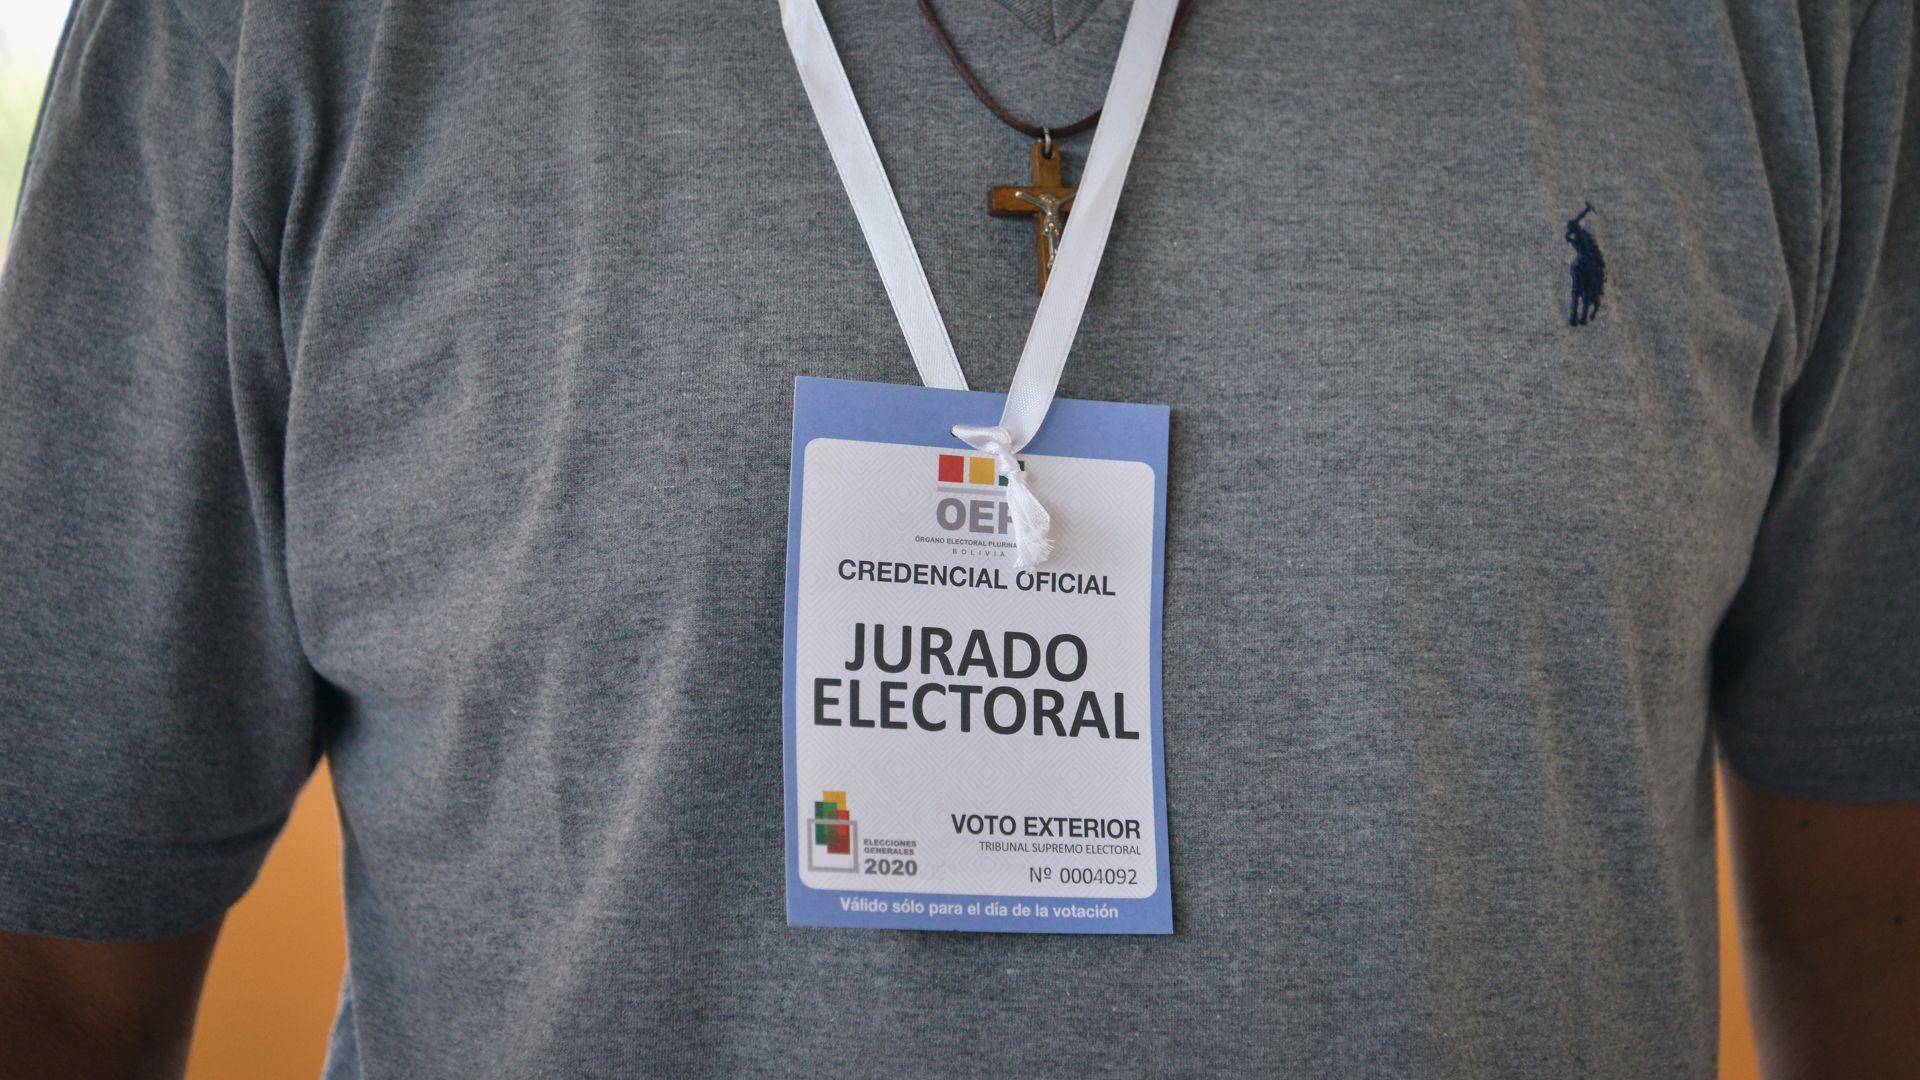 Elecciones del Estado Plurinacional de Bolivia en Argentina - La Matanza - Buenos Aires